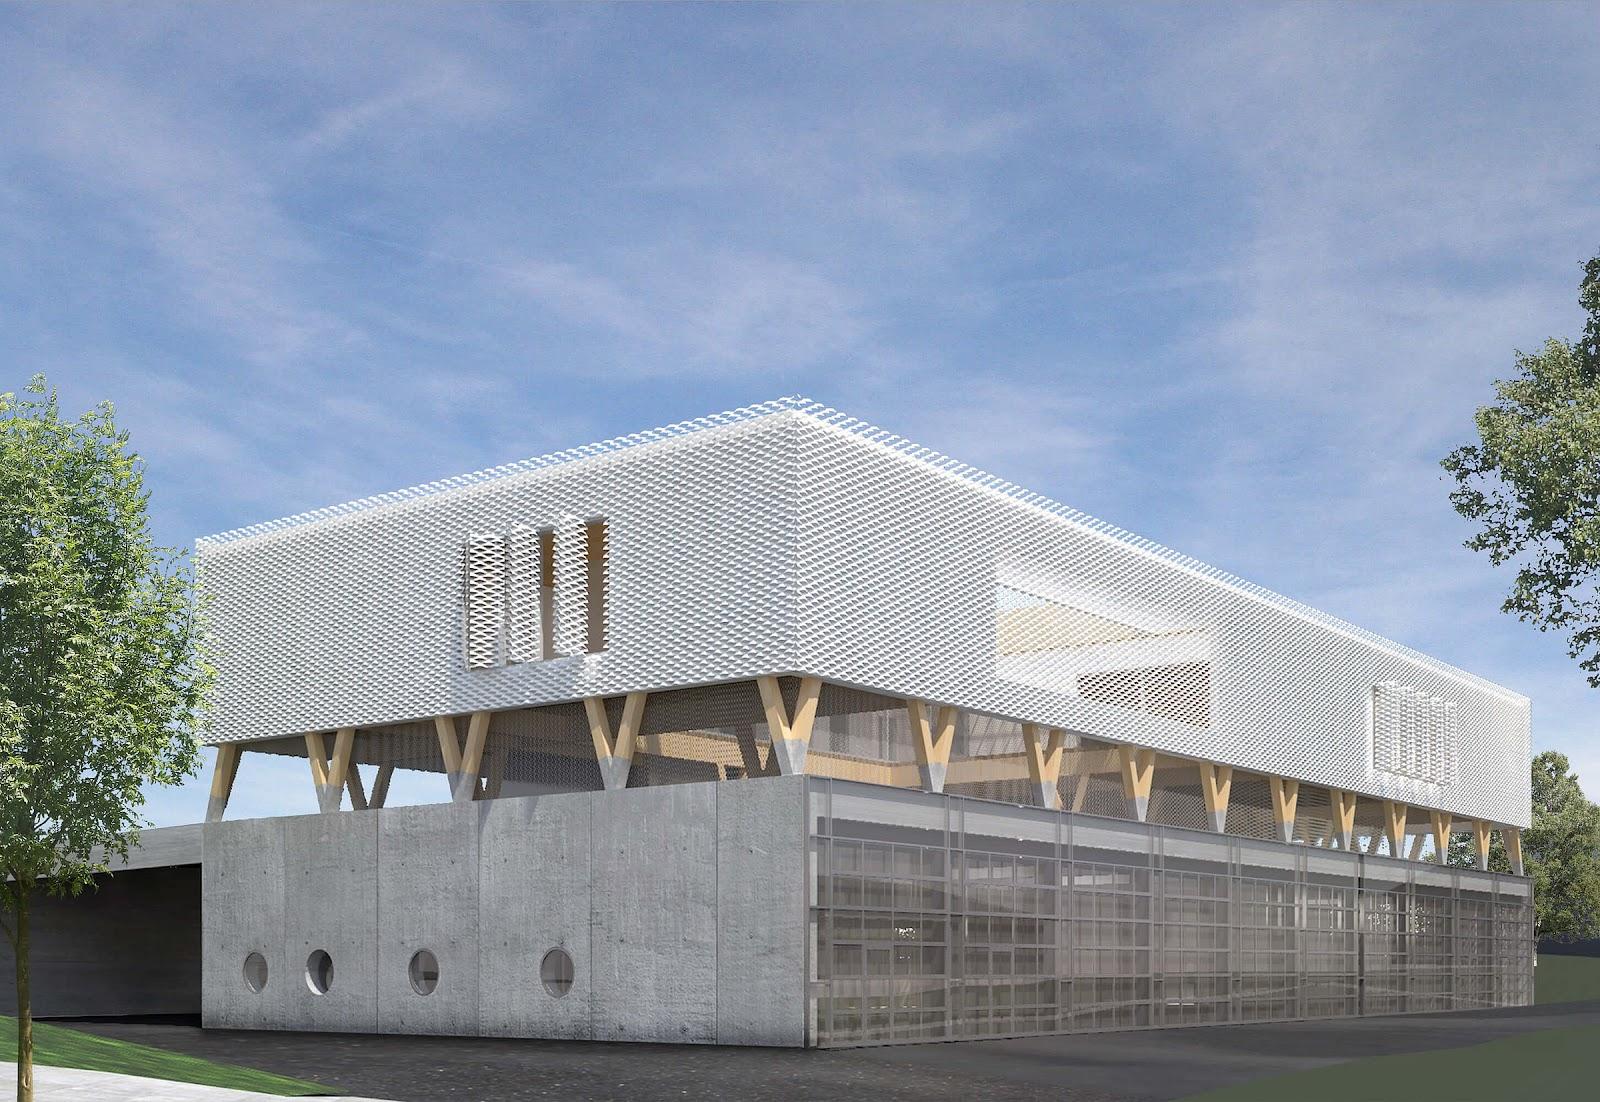 2019年3月動工的施特勞本哈爾特市消防大樓是一座可循環使用的建築物